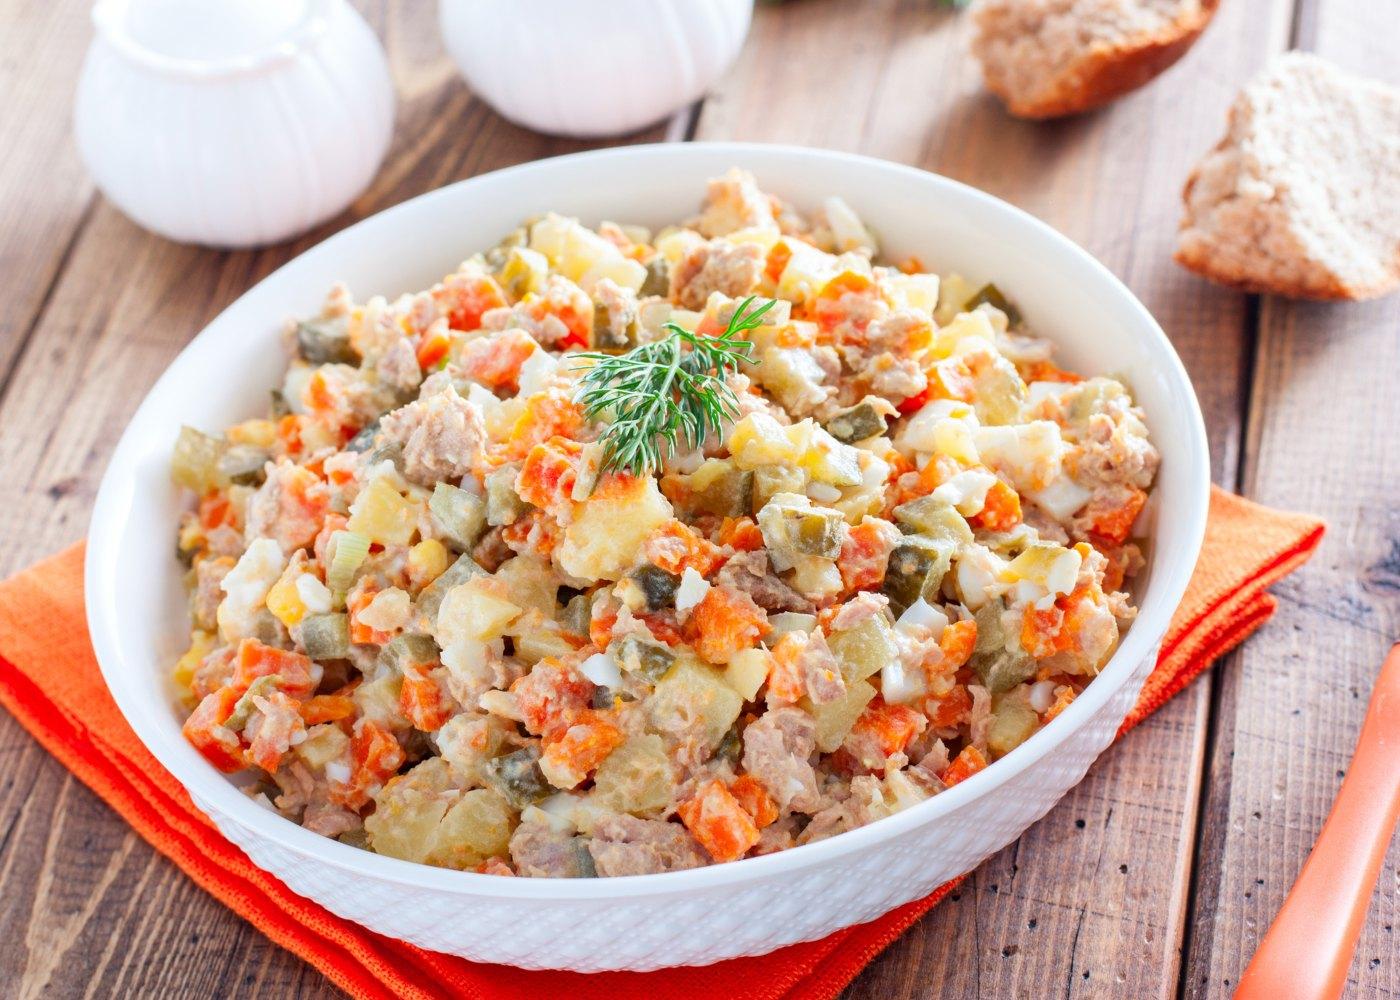 arroz-atum-com-natas